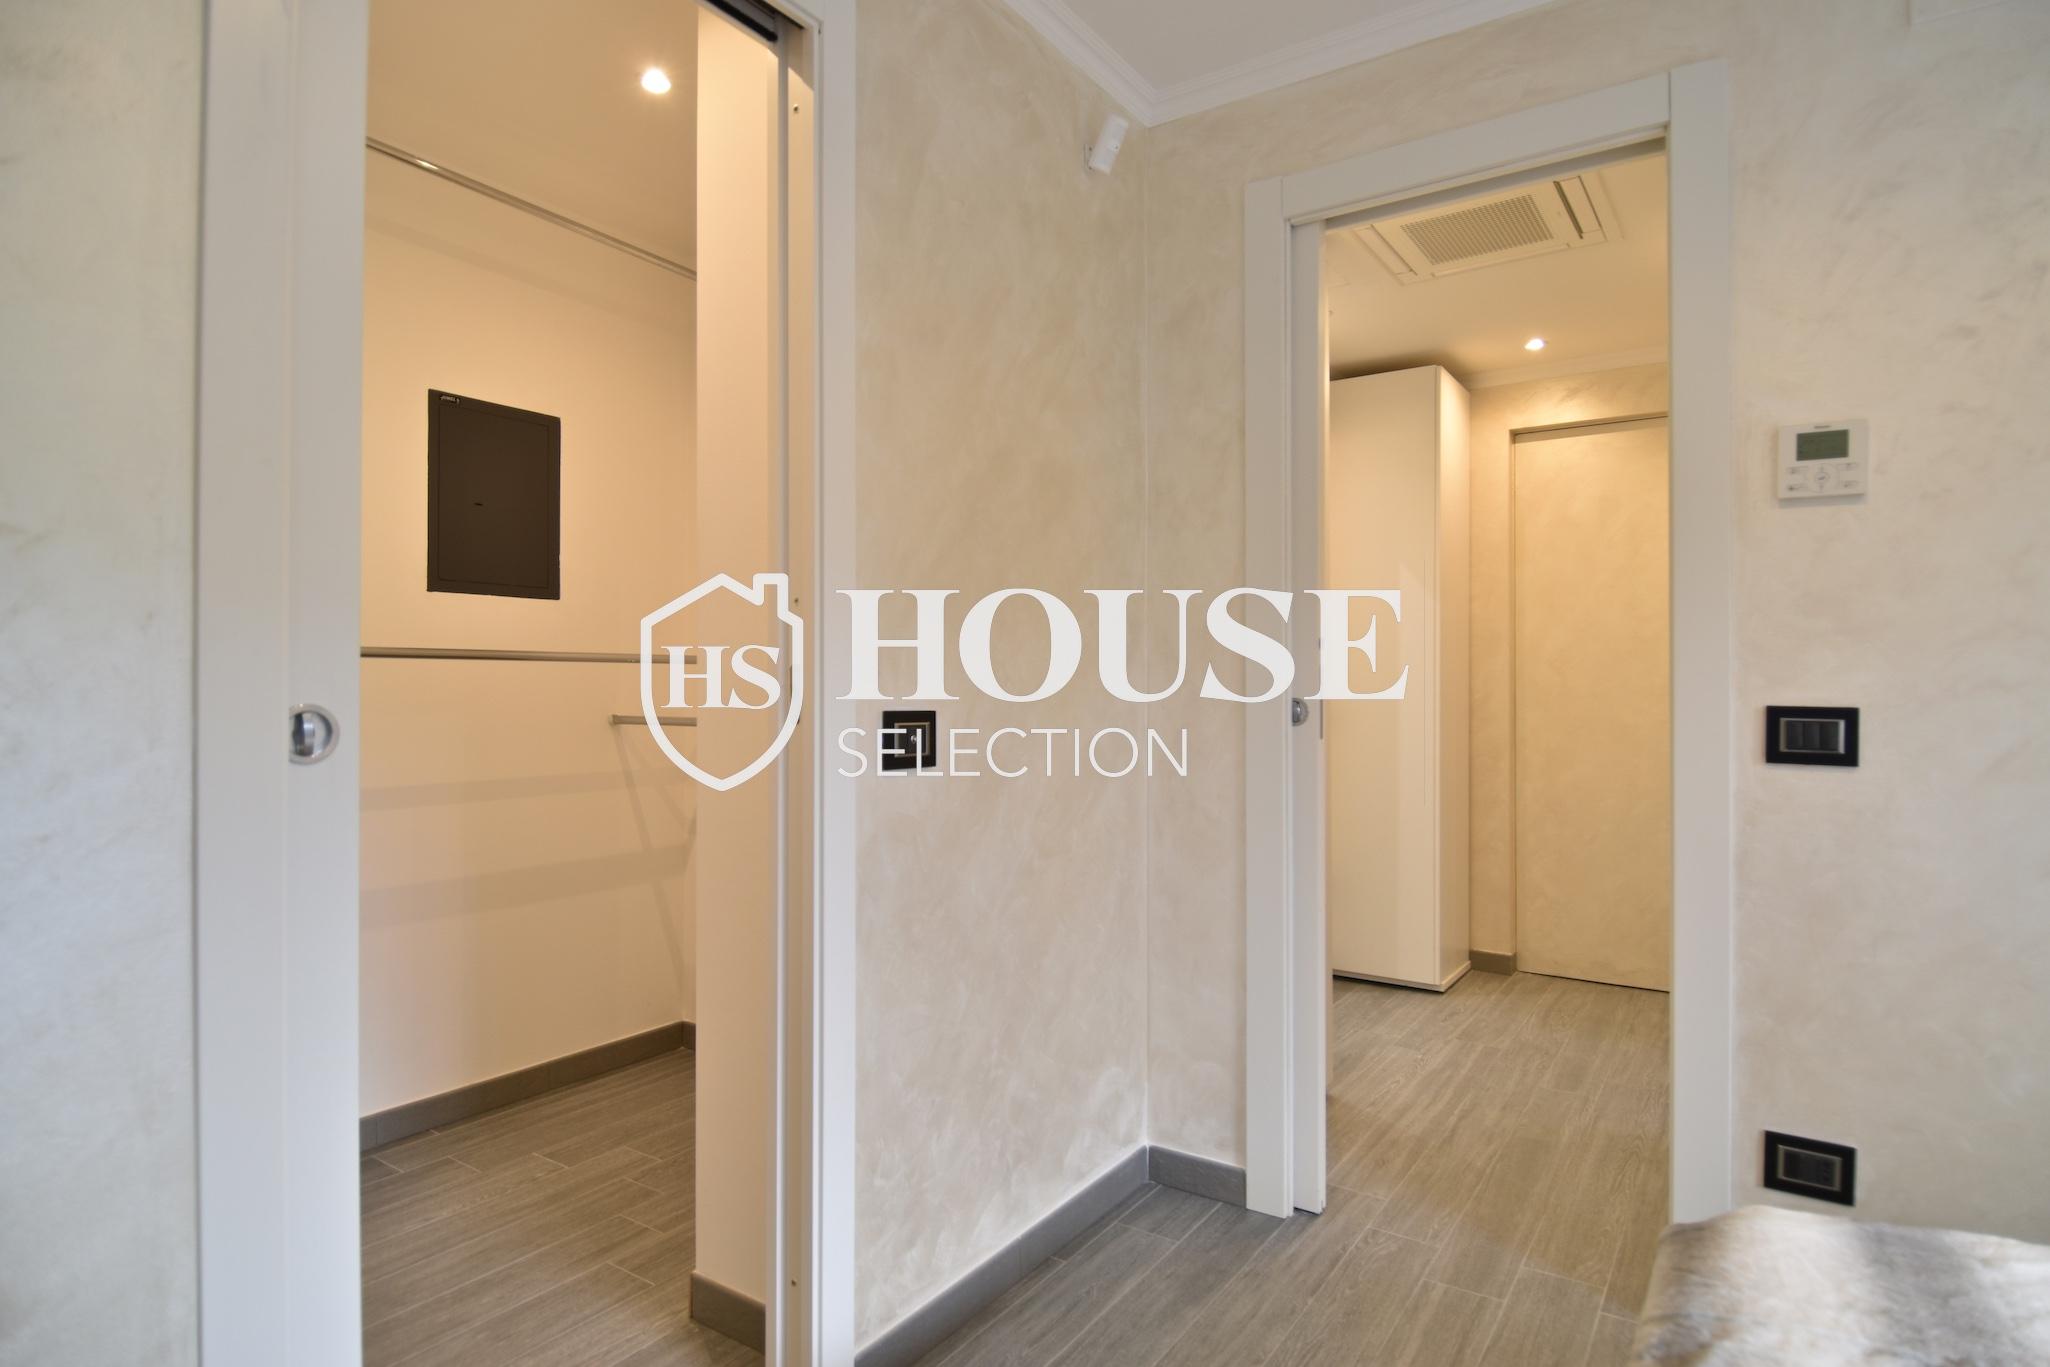 Vendita attico con terrazzo piazza Caiazzo, mm, ultimo piano, nuova realizzazione, palazzo epoca, ascensore, Milano 5